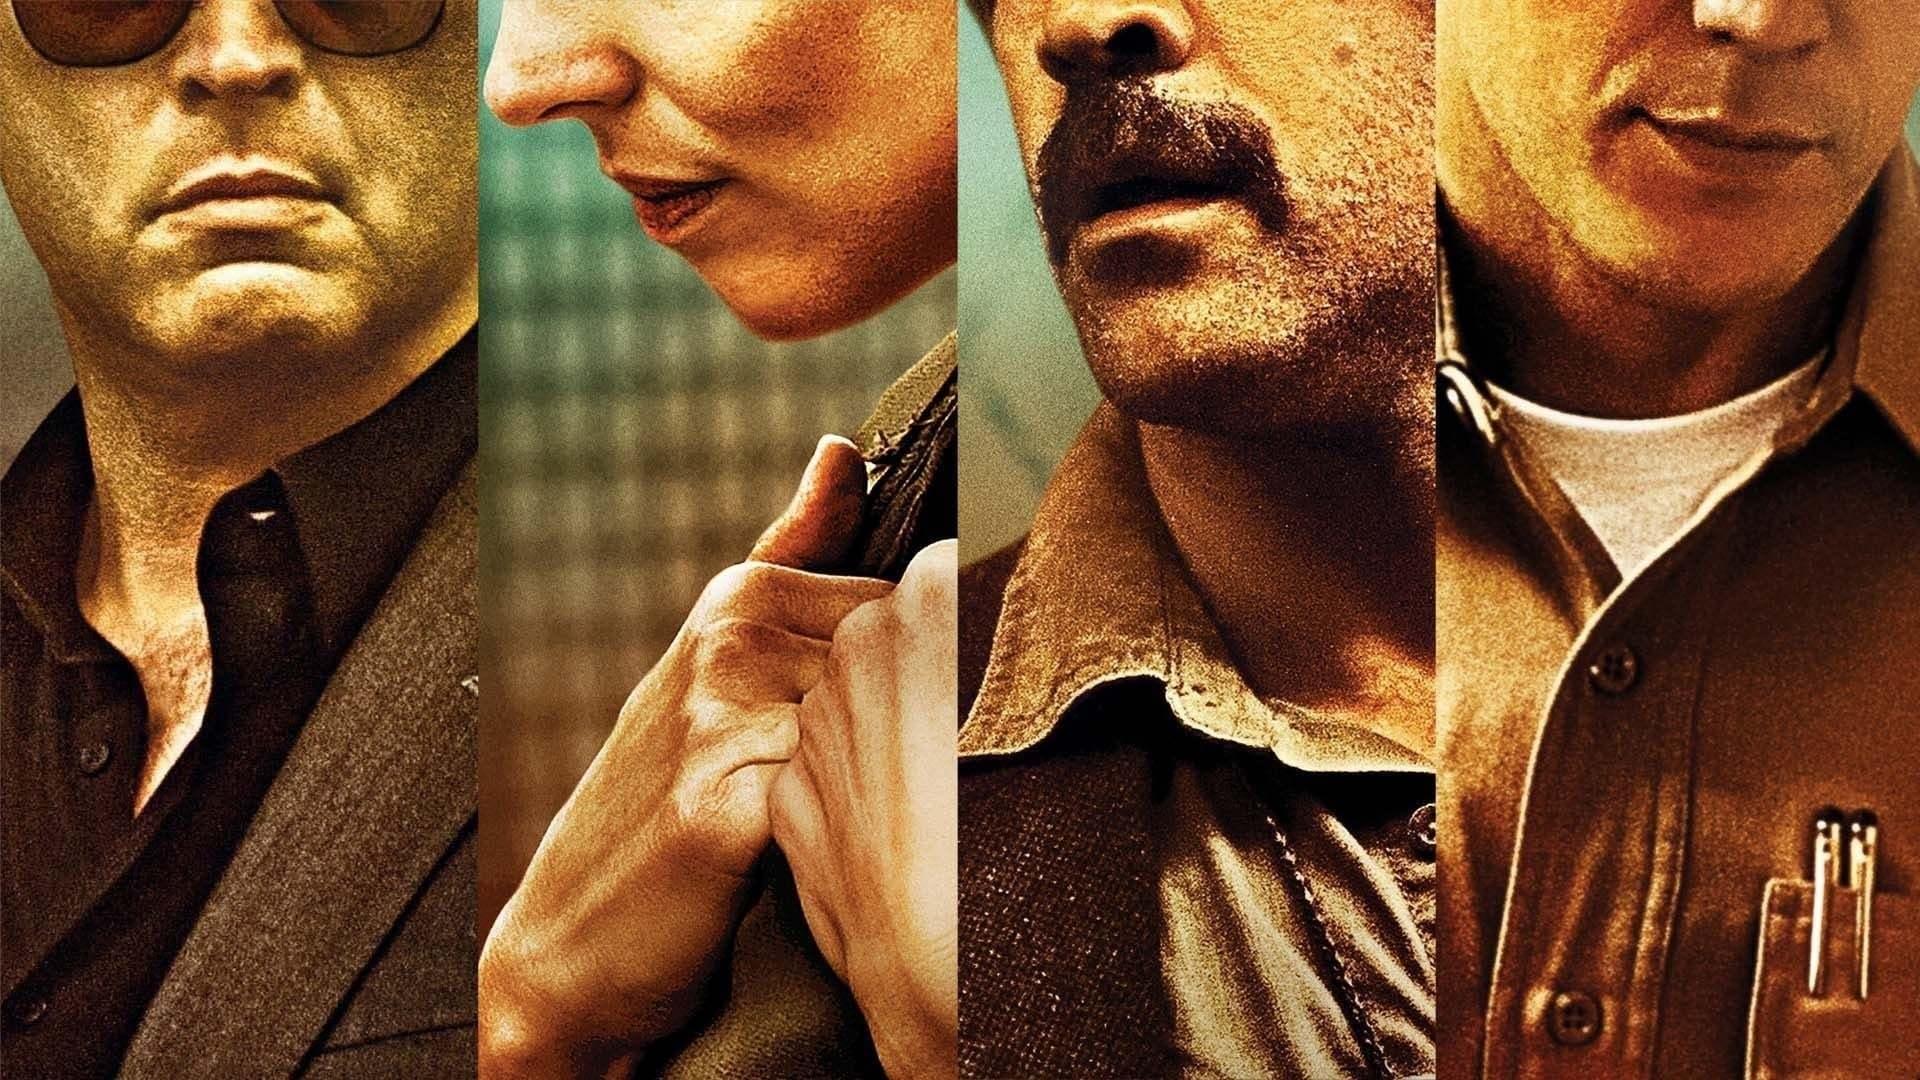 Кадры из фильма Настоящий детектив True Detective 2014